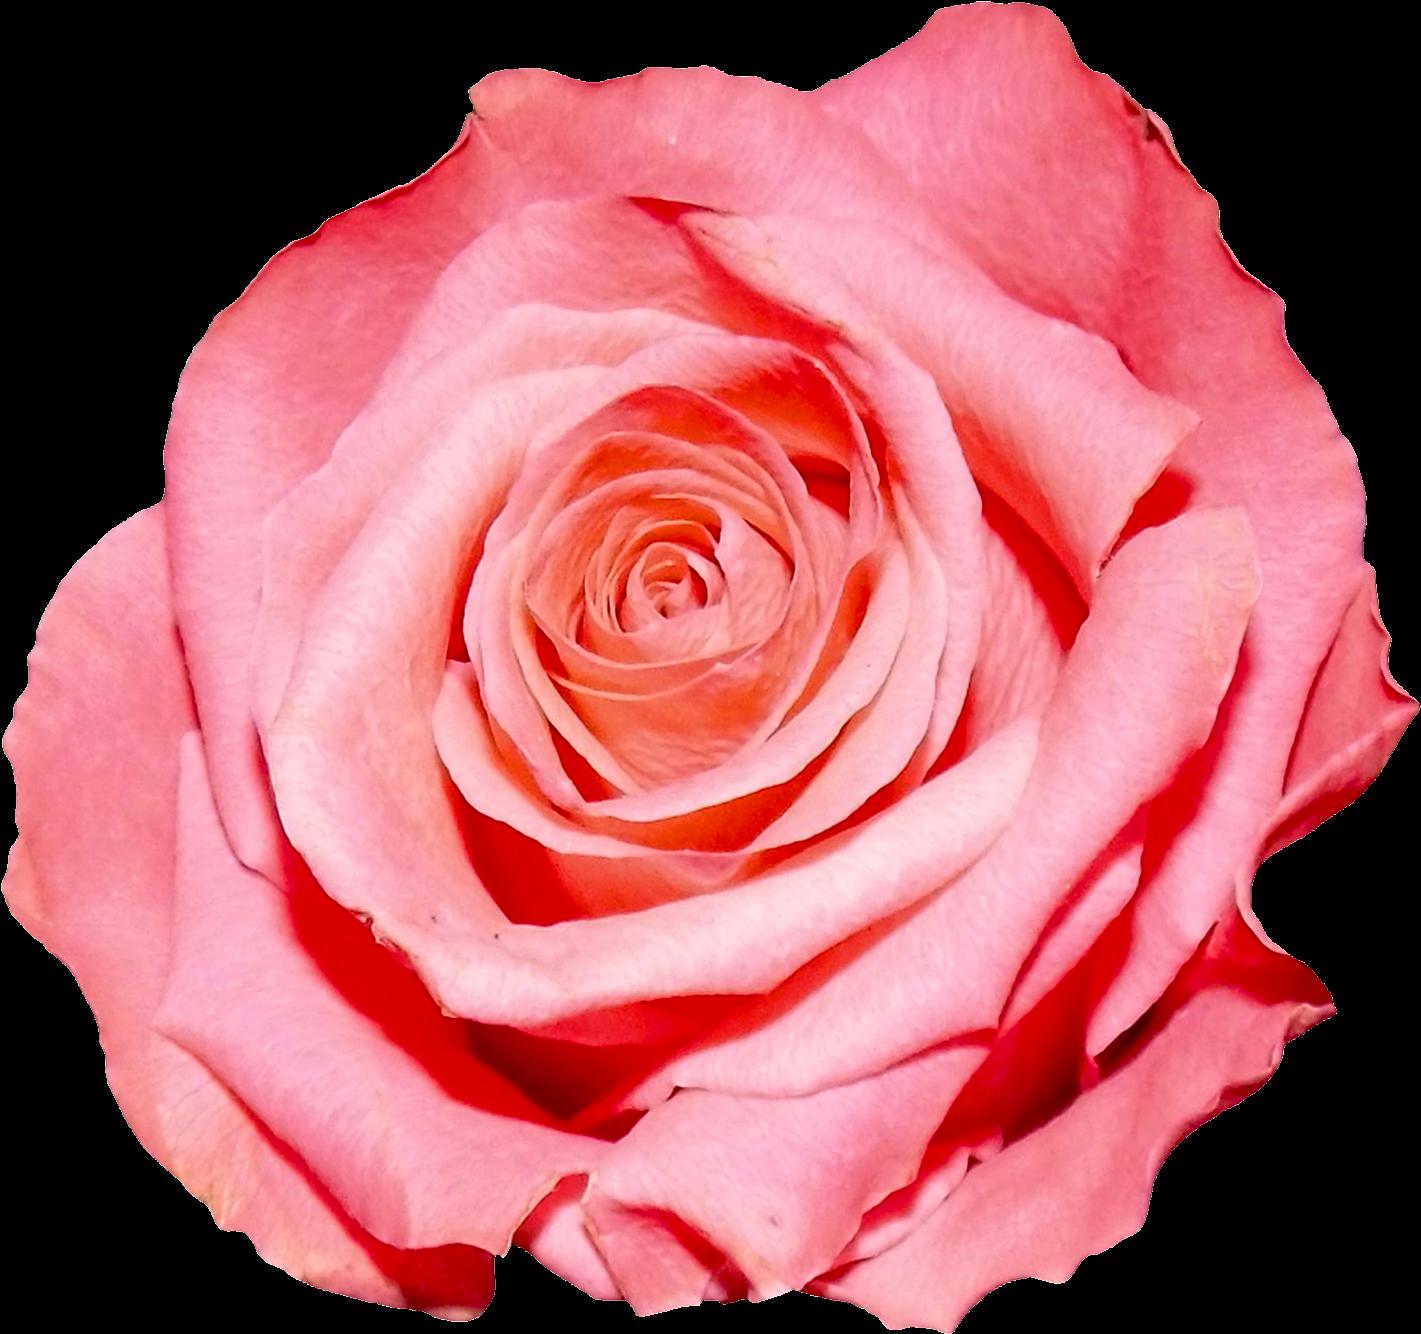 роза фото в пнг короткие рукава рубашке